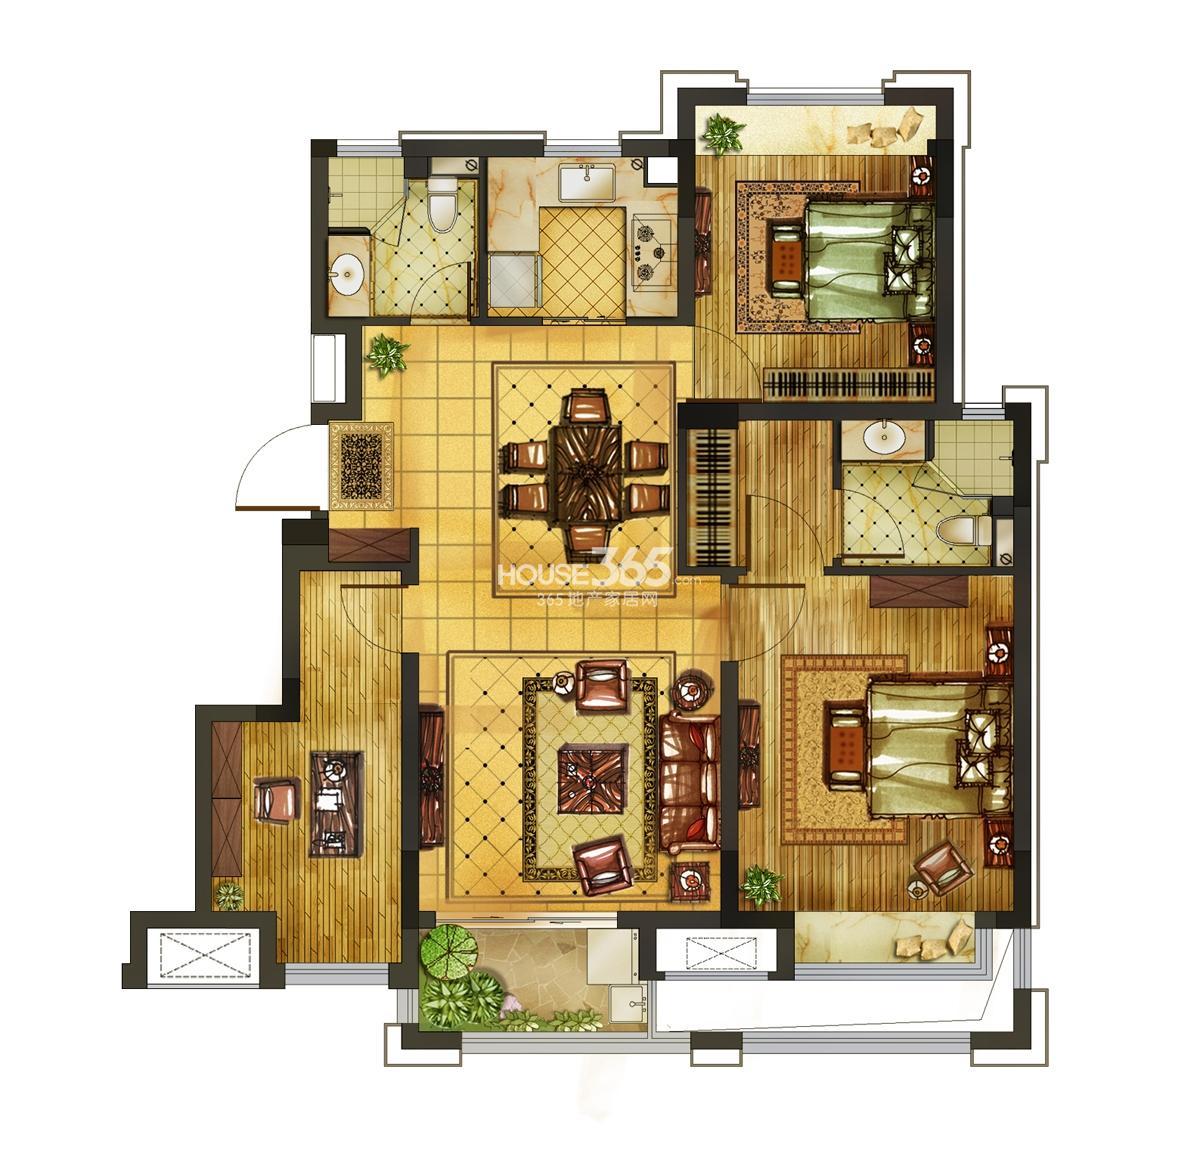 新城西溪逸境3,11-14号楼b户型85方三室二厅一厨两卫户型图